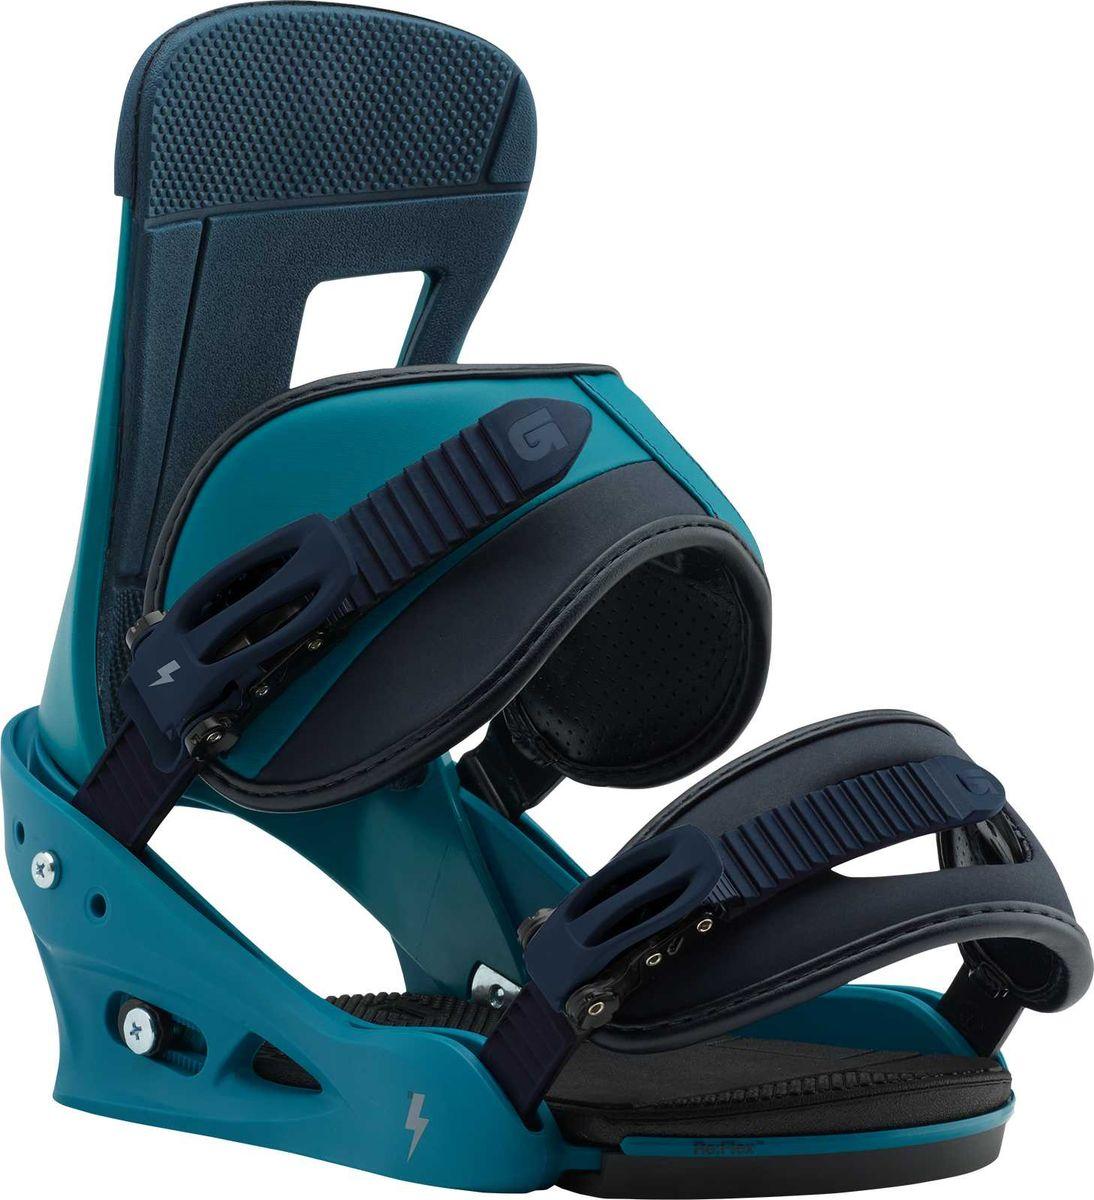 Крепление для сноуборда Burton Freestyle Mariner Green, цвет: черный, бирюзовый. Размер L10544104310Несмотря на то, что крепления Burton Freestyle располагаются в начале линейки Burton, они обладают всеми основными технологиями, присущими более верхним креплениям. Система крепления Re:Flex позволяет лучше чувствовать и контролировать доску и плавно вести дугу. Амортизационная система FullBED Cushioning System обеспечит комфортную посадку ботинка, мягкие удобные стрепы, надежно фиксируют ботинок, бакли имеют плавный ход, технология Flex Slider позволяет легко встегиваться в крепления, так как верхний стреп полностью откидывается. Всё это делает крепления Burton Freestyle востребованными не только для начинающих сноубордистов, но и для совершенствующих свое катание райдеров. Не удивительно, что крепления являются бестселлером Burton на протяжении уже 20 лет.Детали:- Однокомпонентная база из поликарбоната.- Технология креплений Re:Flex: крепления передают более естественные ощущения доски. Универсальны для всех существующих систем крепежа, включая 4x4, 3D и The Channel.- Технология Flex Slider позволяет легко встегиваться и выстегиваться из креплений.- Однокомпонентный хайбэк: залог хорошей отзывчивости.- Новый верхний стреп Reactstraps: плотно и равномерно фиксирует ботинок.- Нижний стреп Convertible Capstrap плотно прилегает к носку ботинка.- Технология Fullbed: амортизирующая стелька из вспененного материала EVA, обеспечивает комфортную посадку ботинка в креплении, не затрудняет доступ к крепежной системе.- Бакли Smooth Glide: легкие металлические клипсы с мягким ходом при расстегивании и надежным сцеплением при катании.